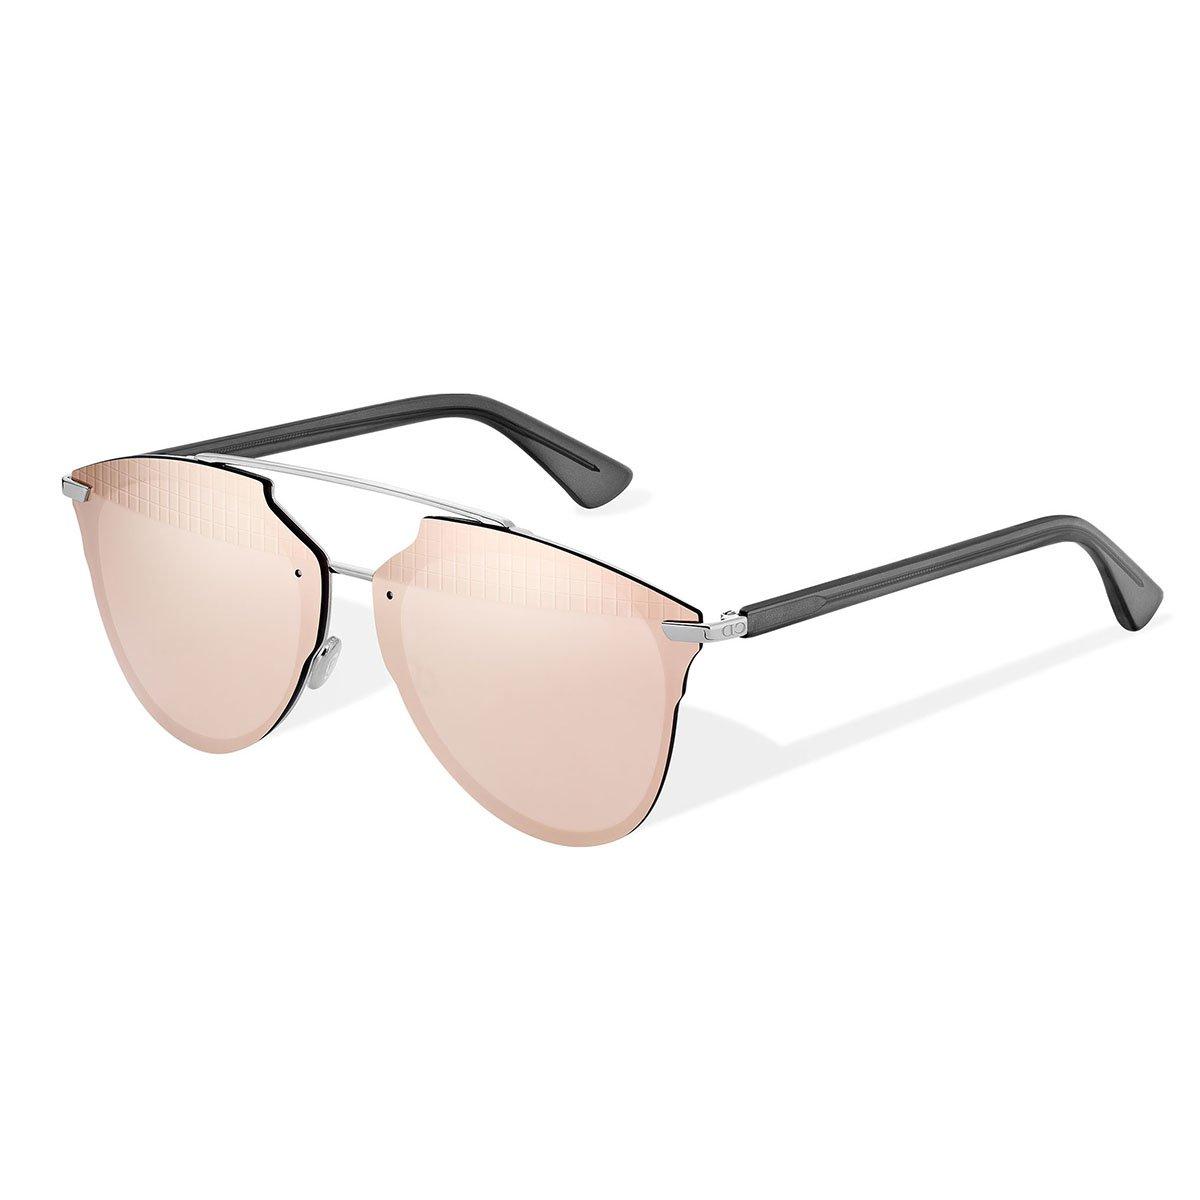 ad4dfb09cb1c5 Compre Óculos de Sol Dior Reflected em 10X